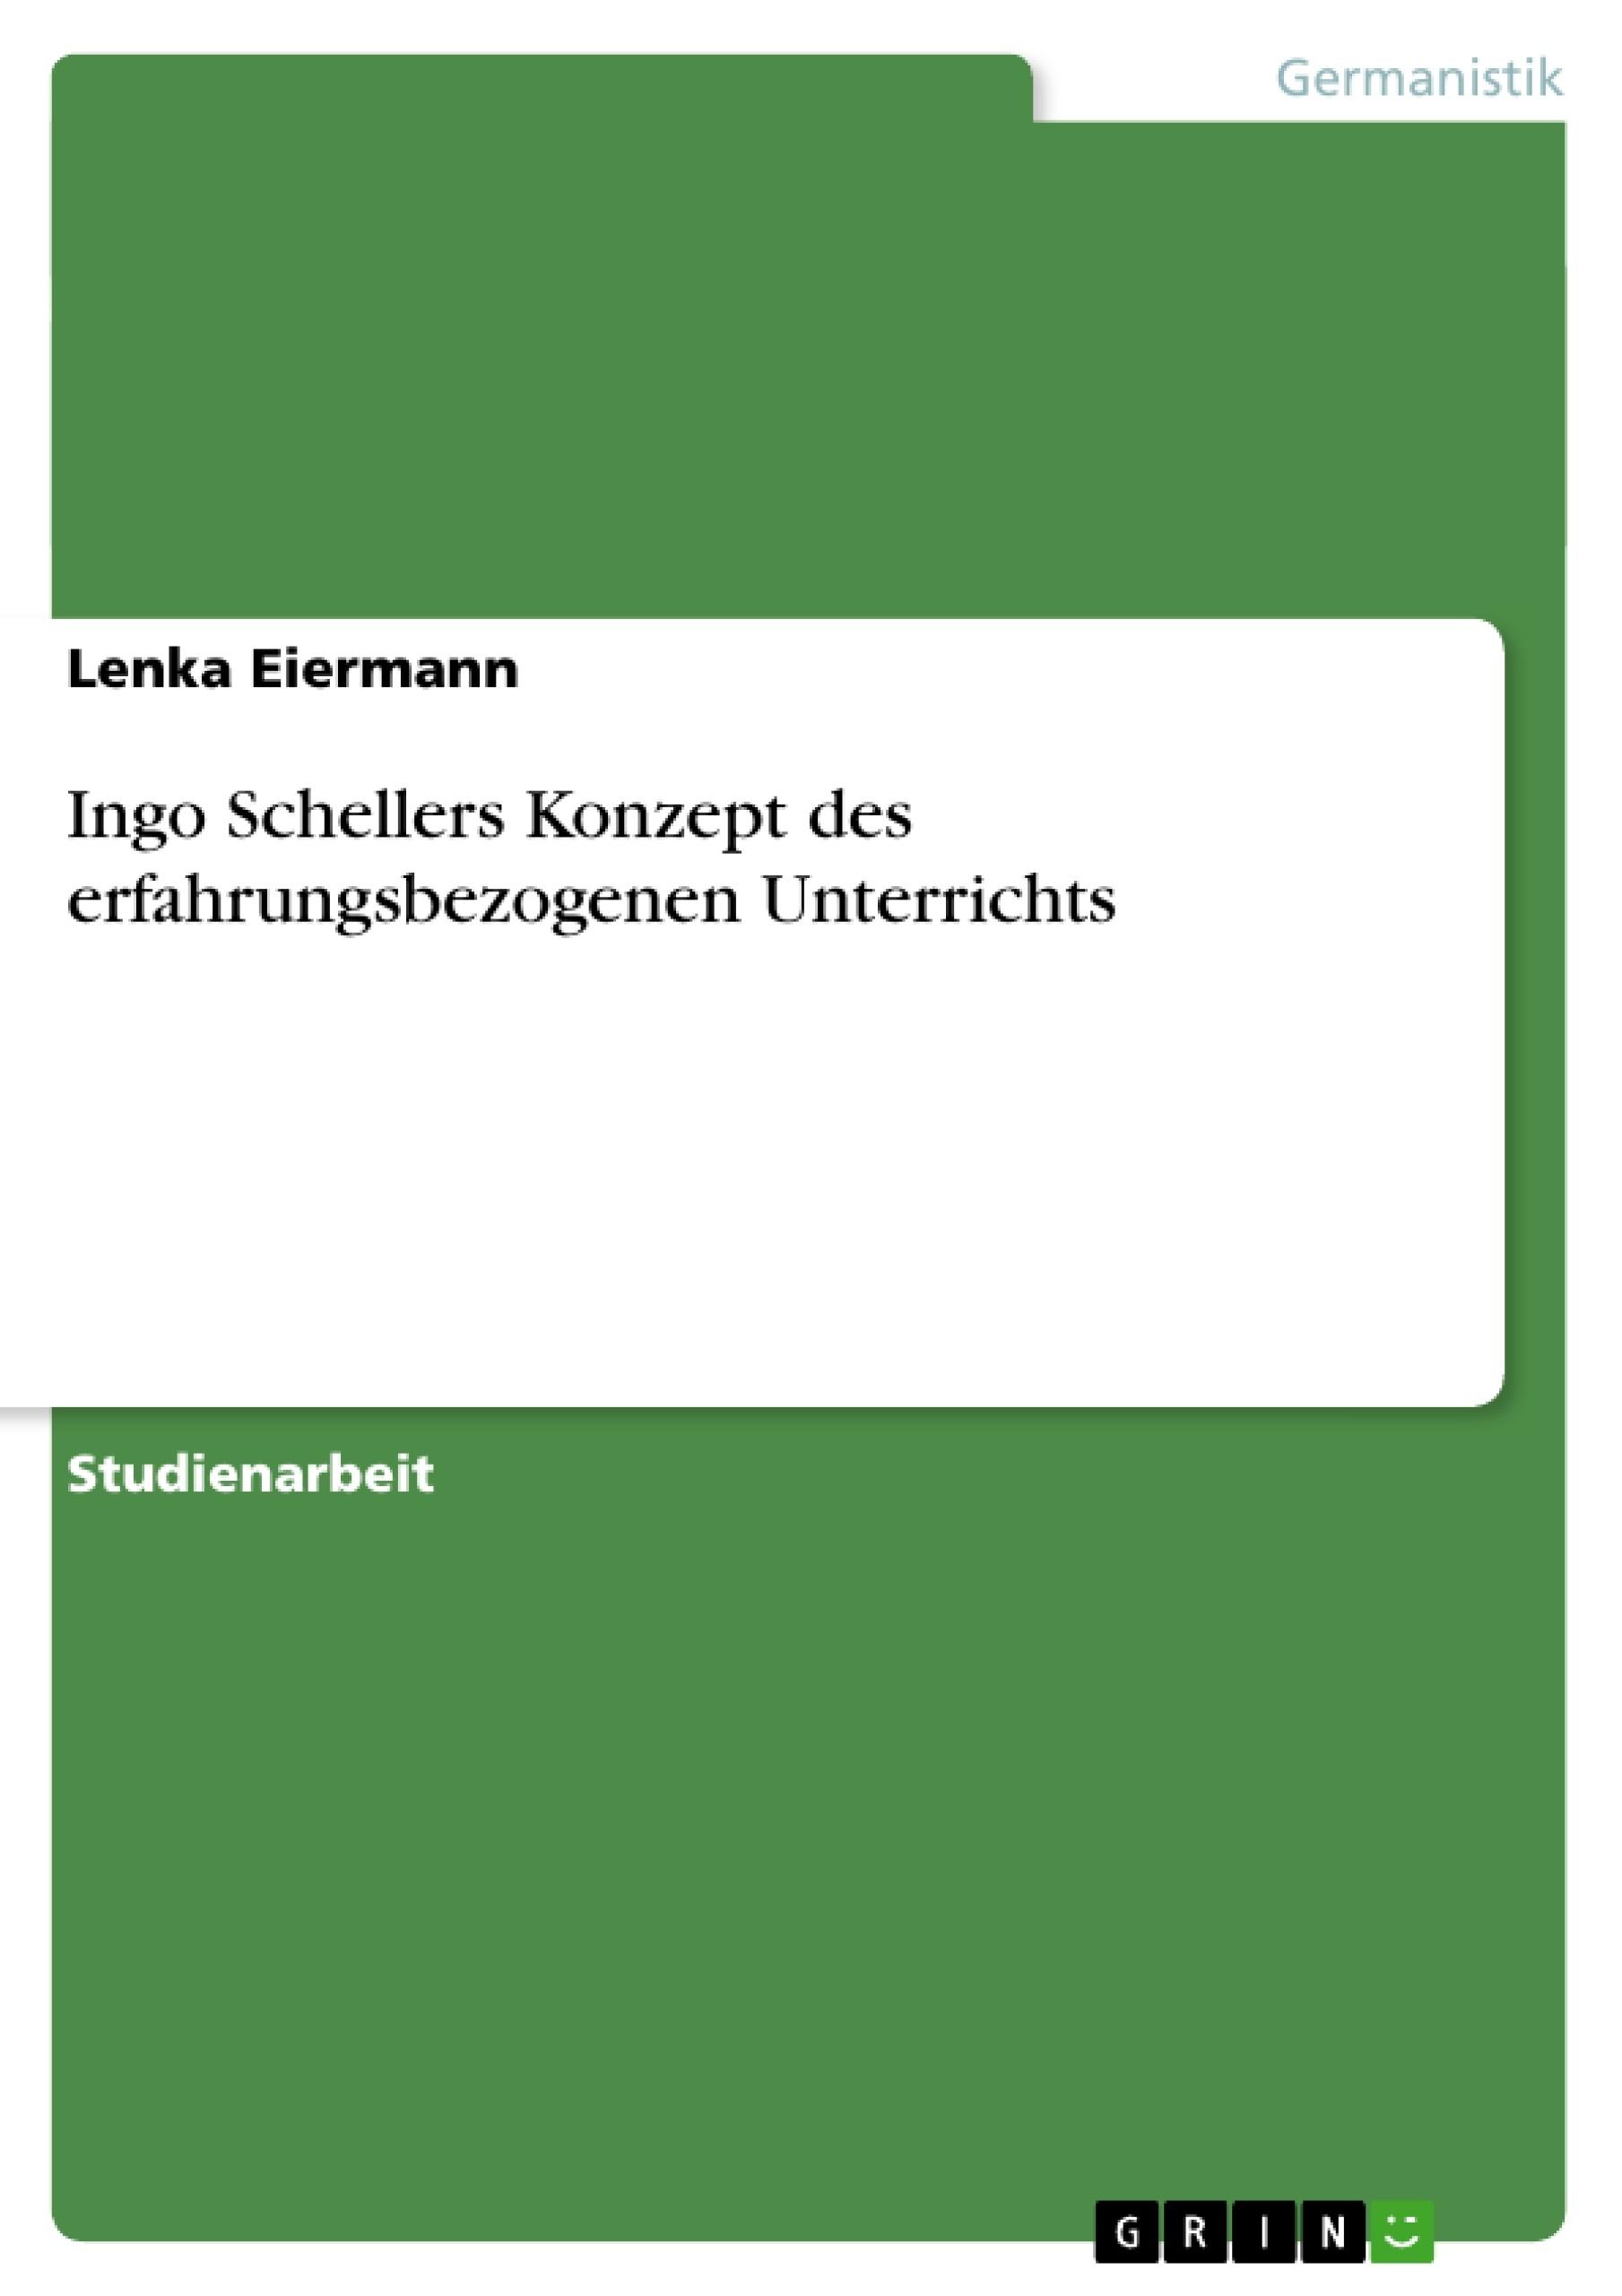 Titel: Ingo Schellers Konzept des erfahrungsbezogenen Unterrichts